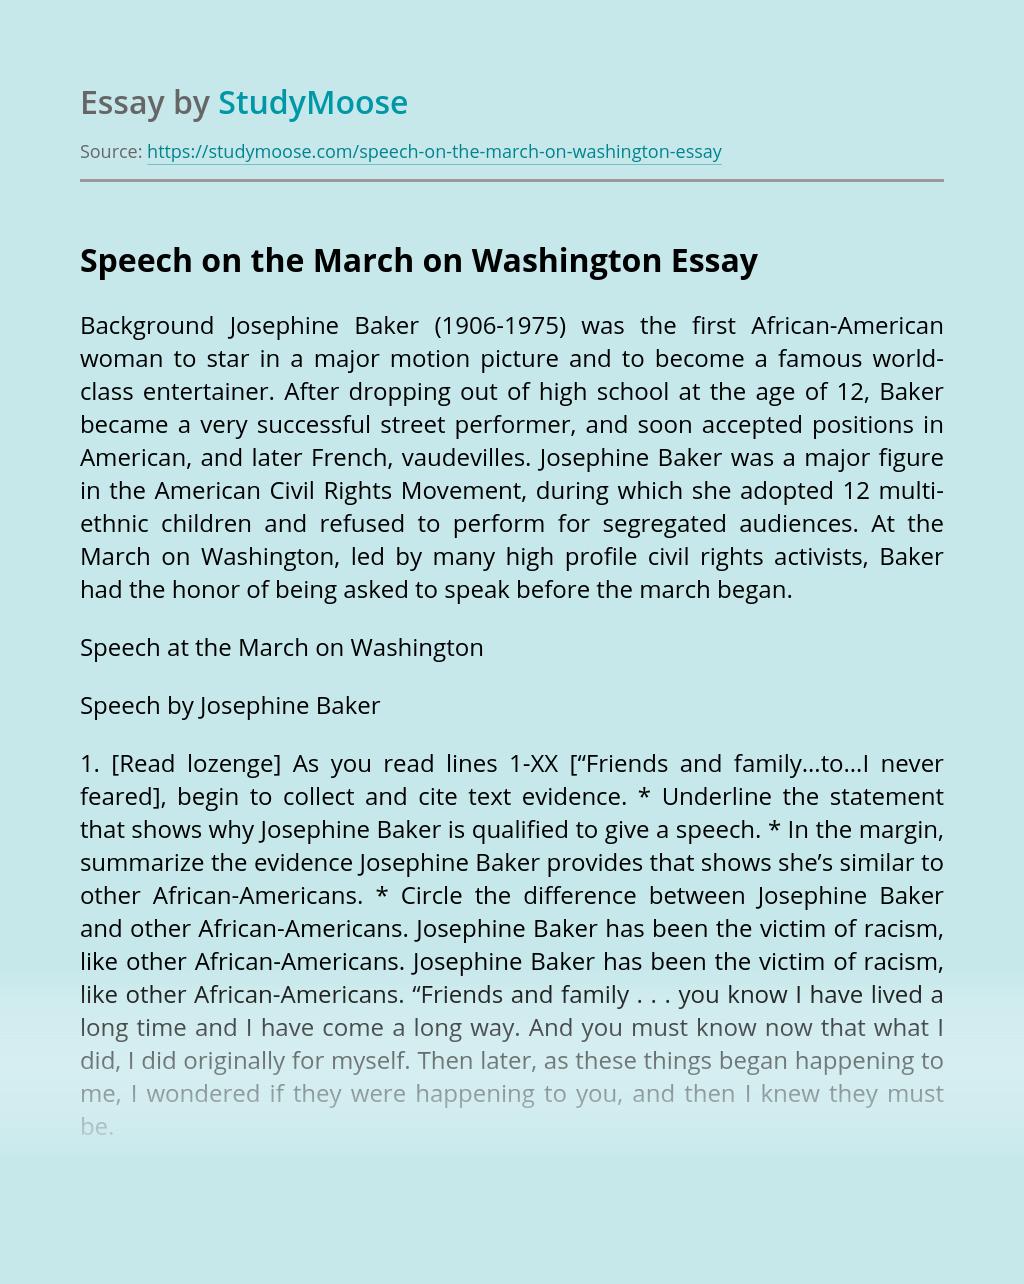 Speech on the March on Washington